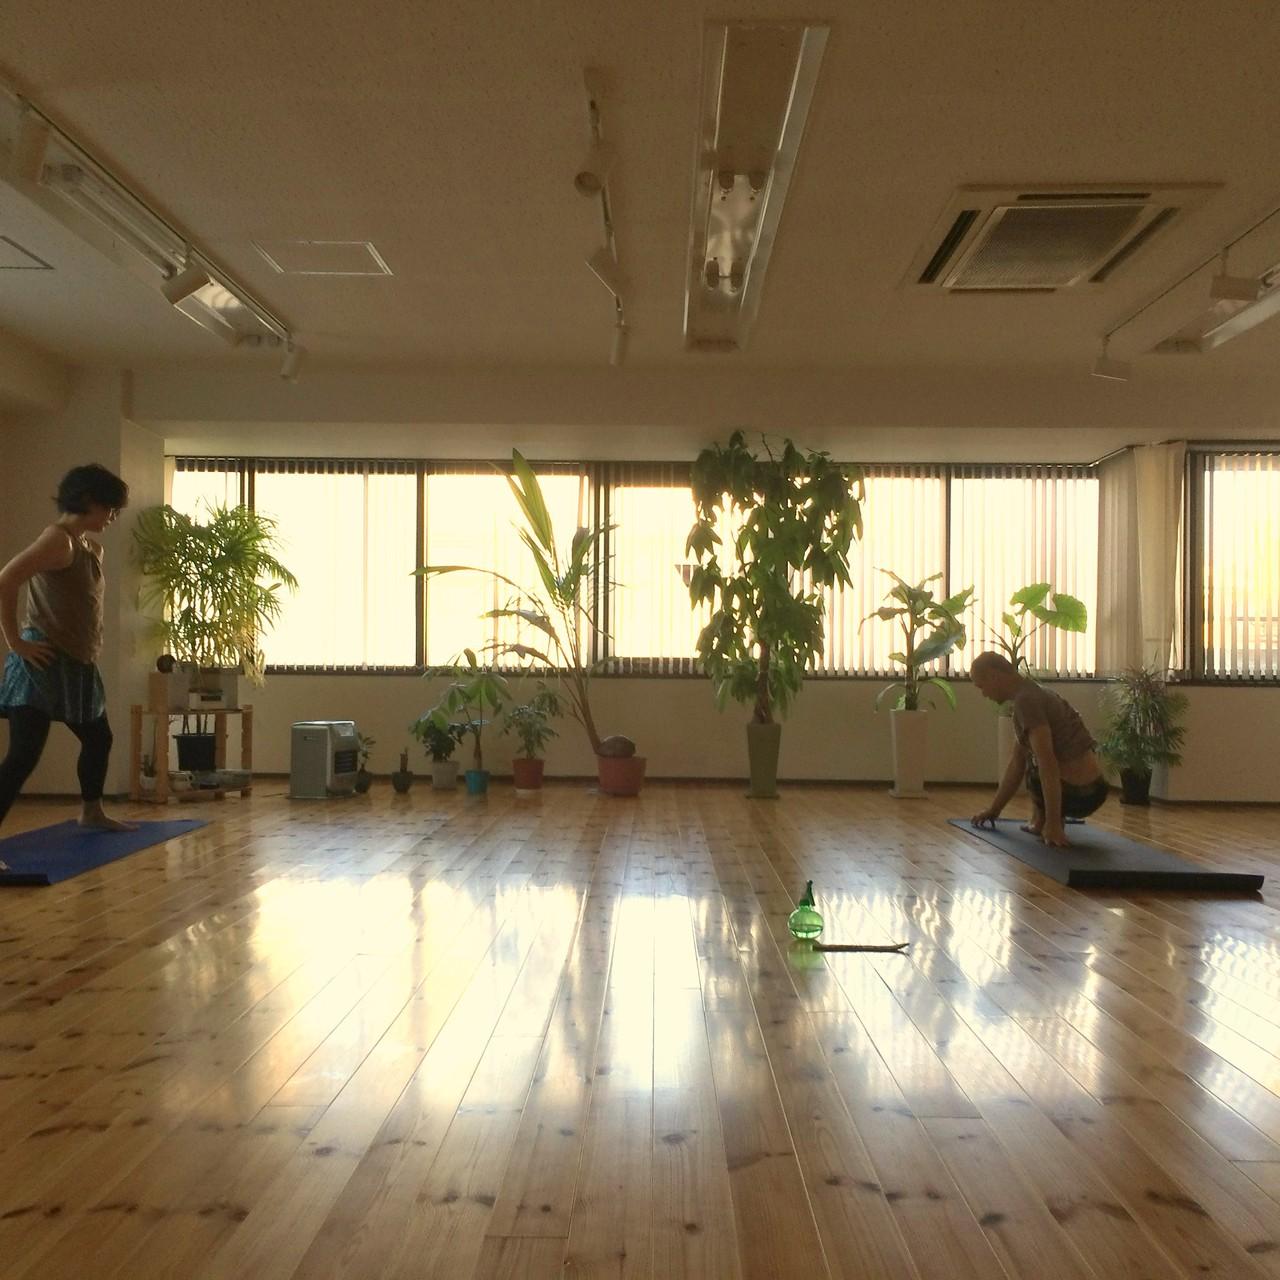 スタジオのクラスは、 マイソールクラスと言う自主練 (朝7:00から) はじまります。